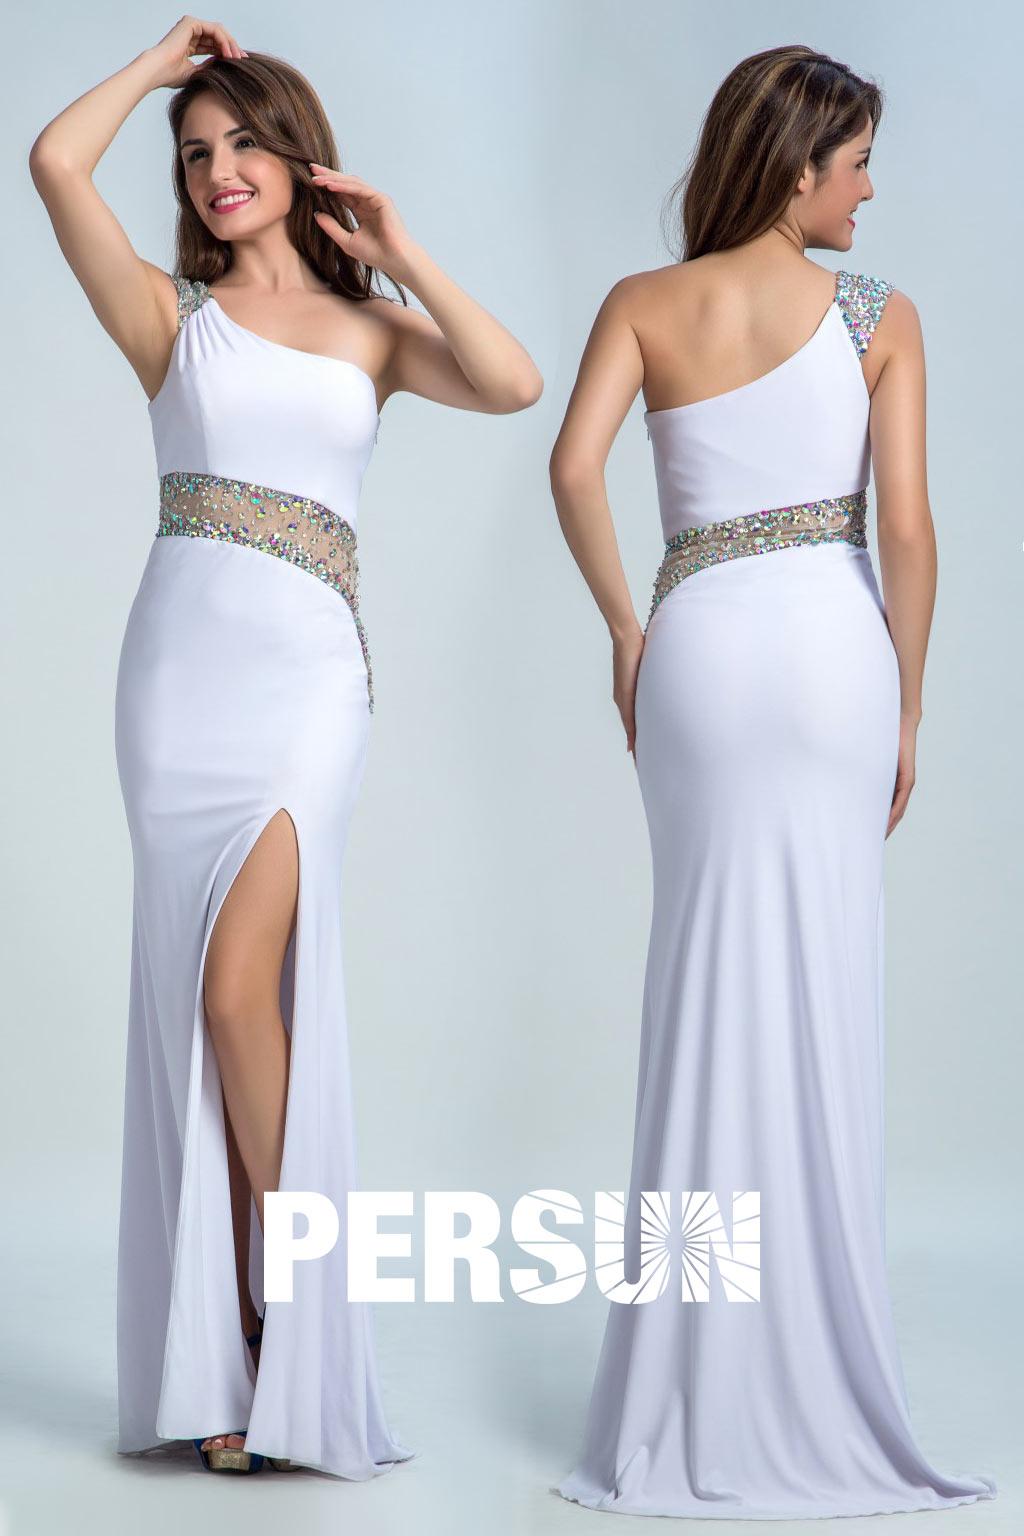 4ad0c3e8910 Robe de bal blanche sirène fendue asymétrique - Persun.fr